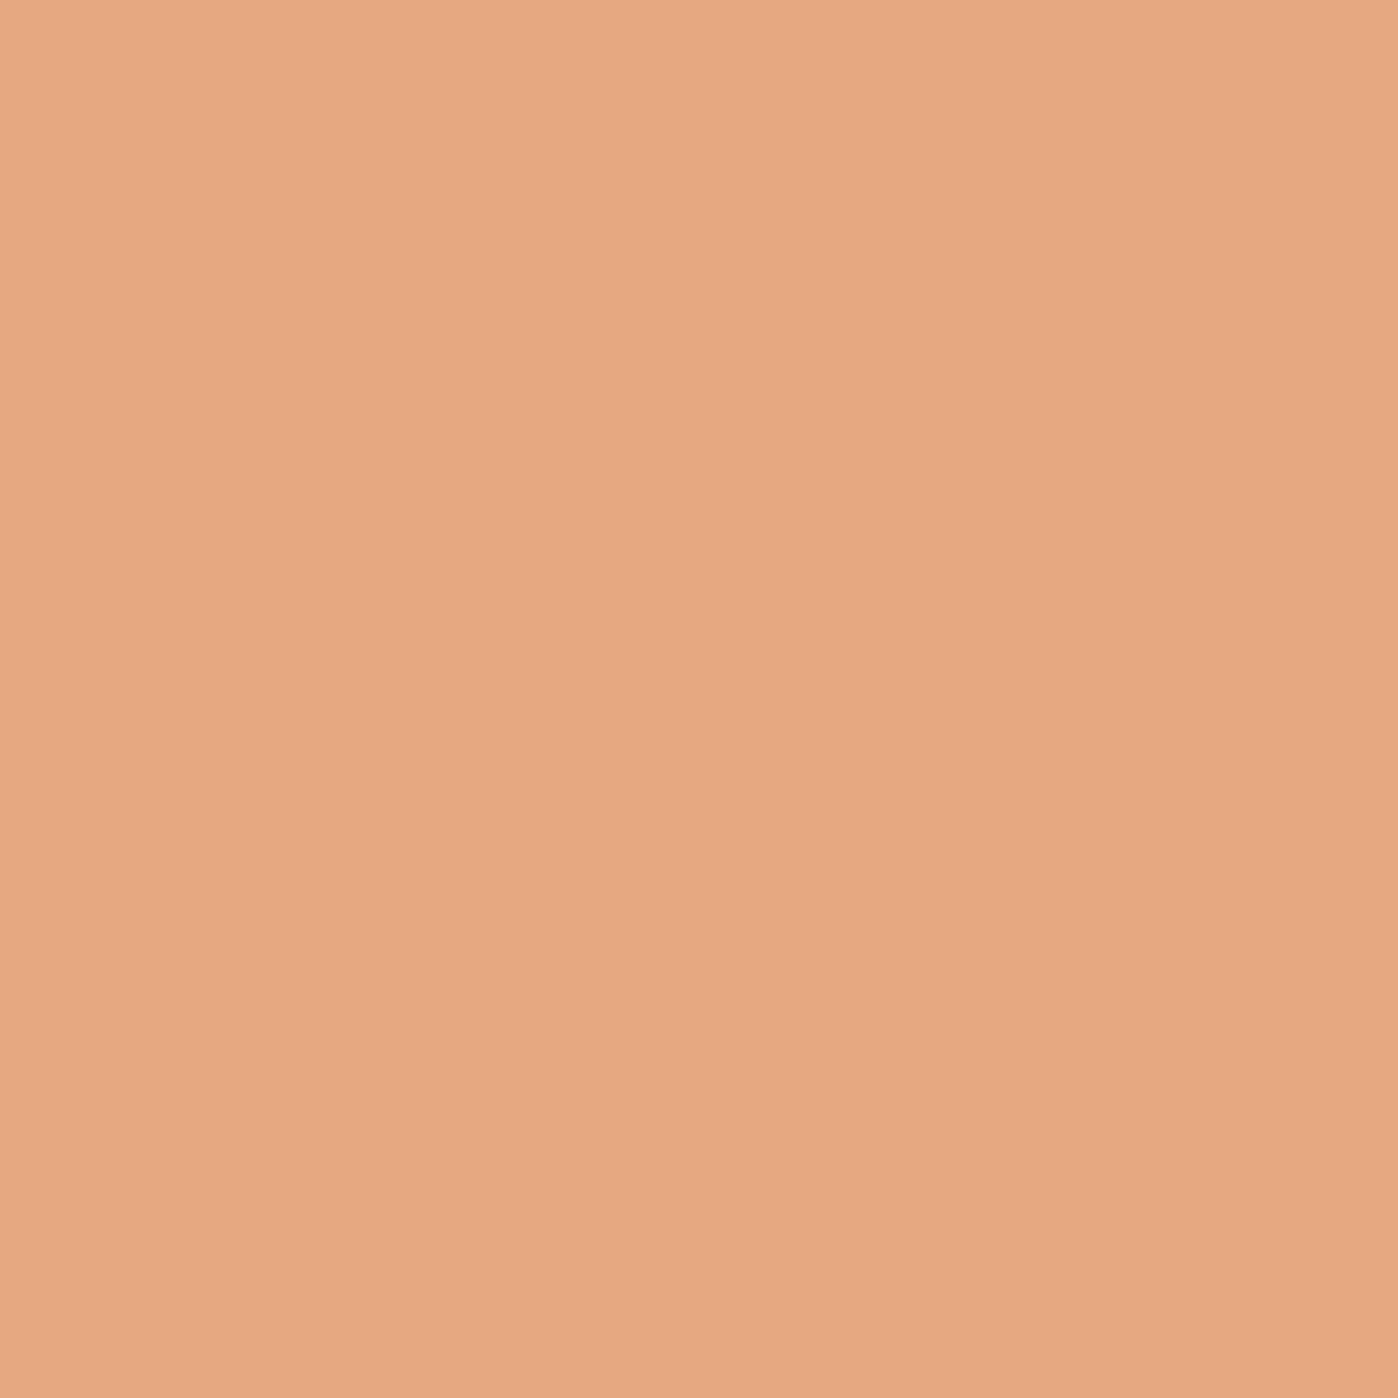 SANMIMORE(サンミモレ化粧品) UVパクト 56号ライトピンク (レフィル 替パフ付)